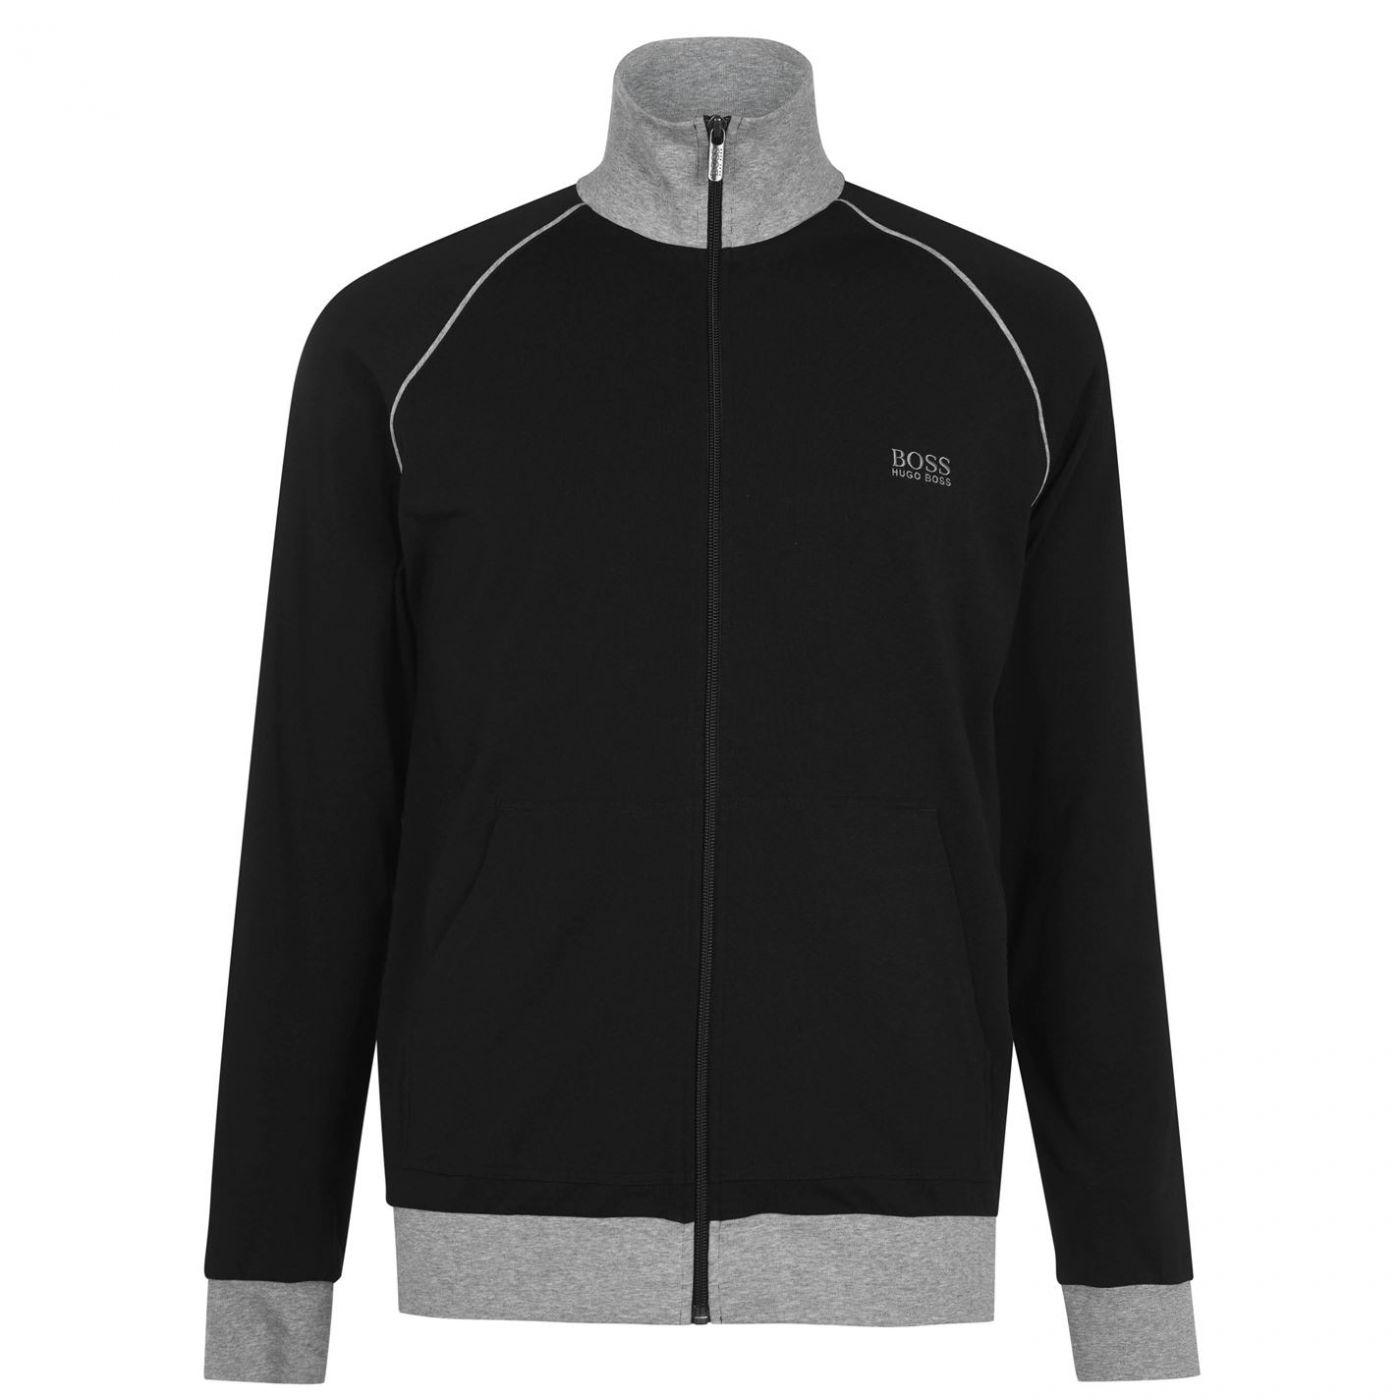 BOSS BODYWEAR Full Zip Jacket